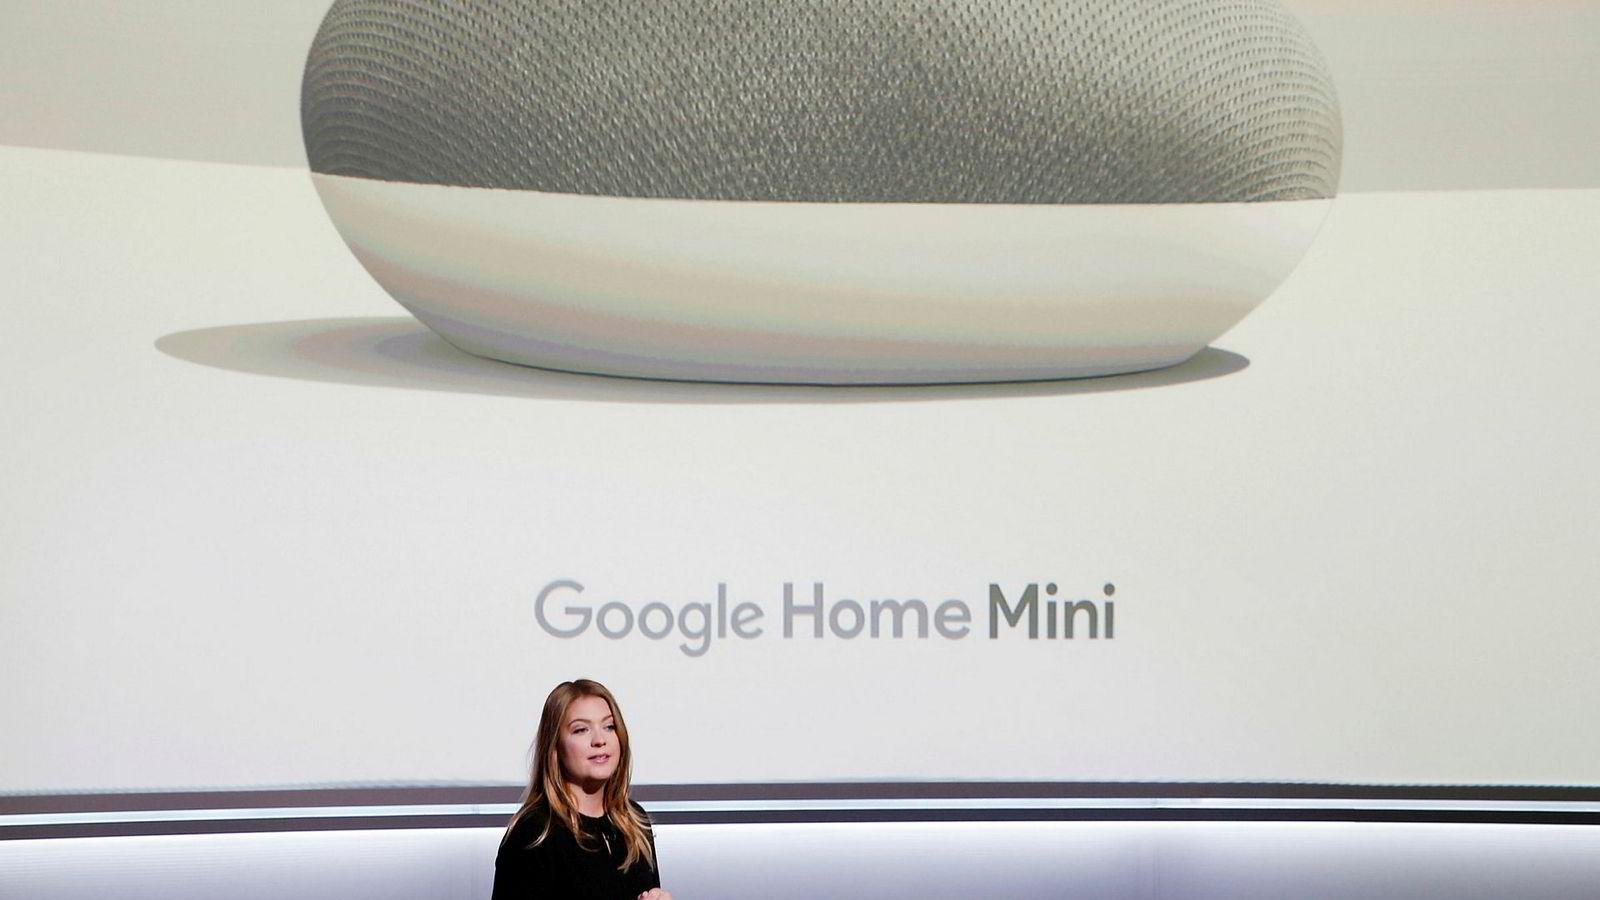 Isabelle Olsson, Googles sjef for industridesign lanserte Google Home Mini for det amerikanske markedet i oktober 2017.